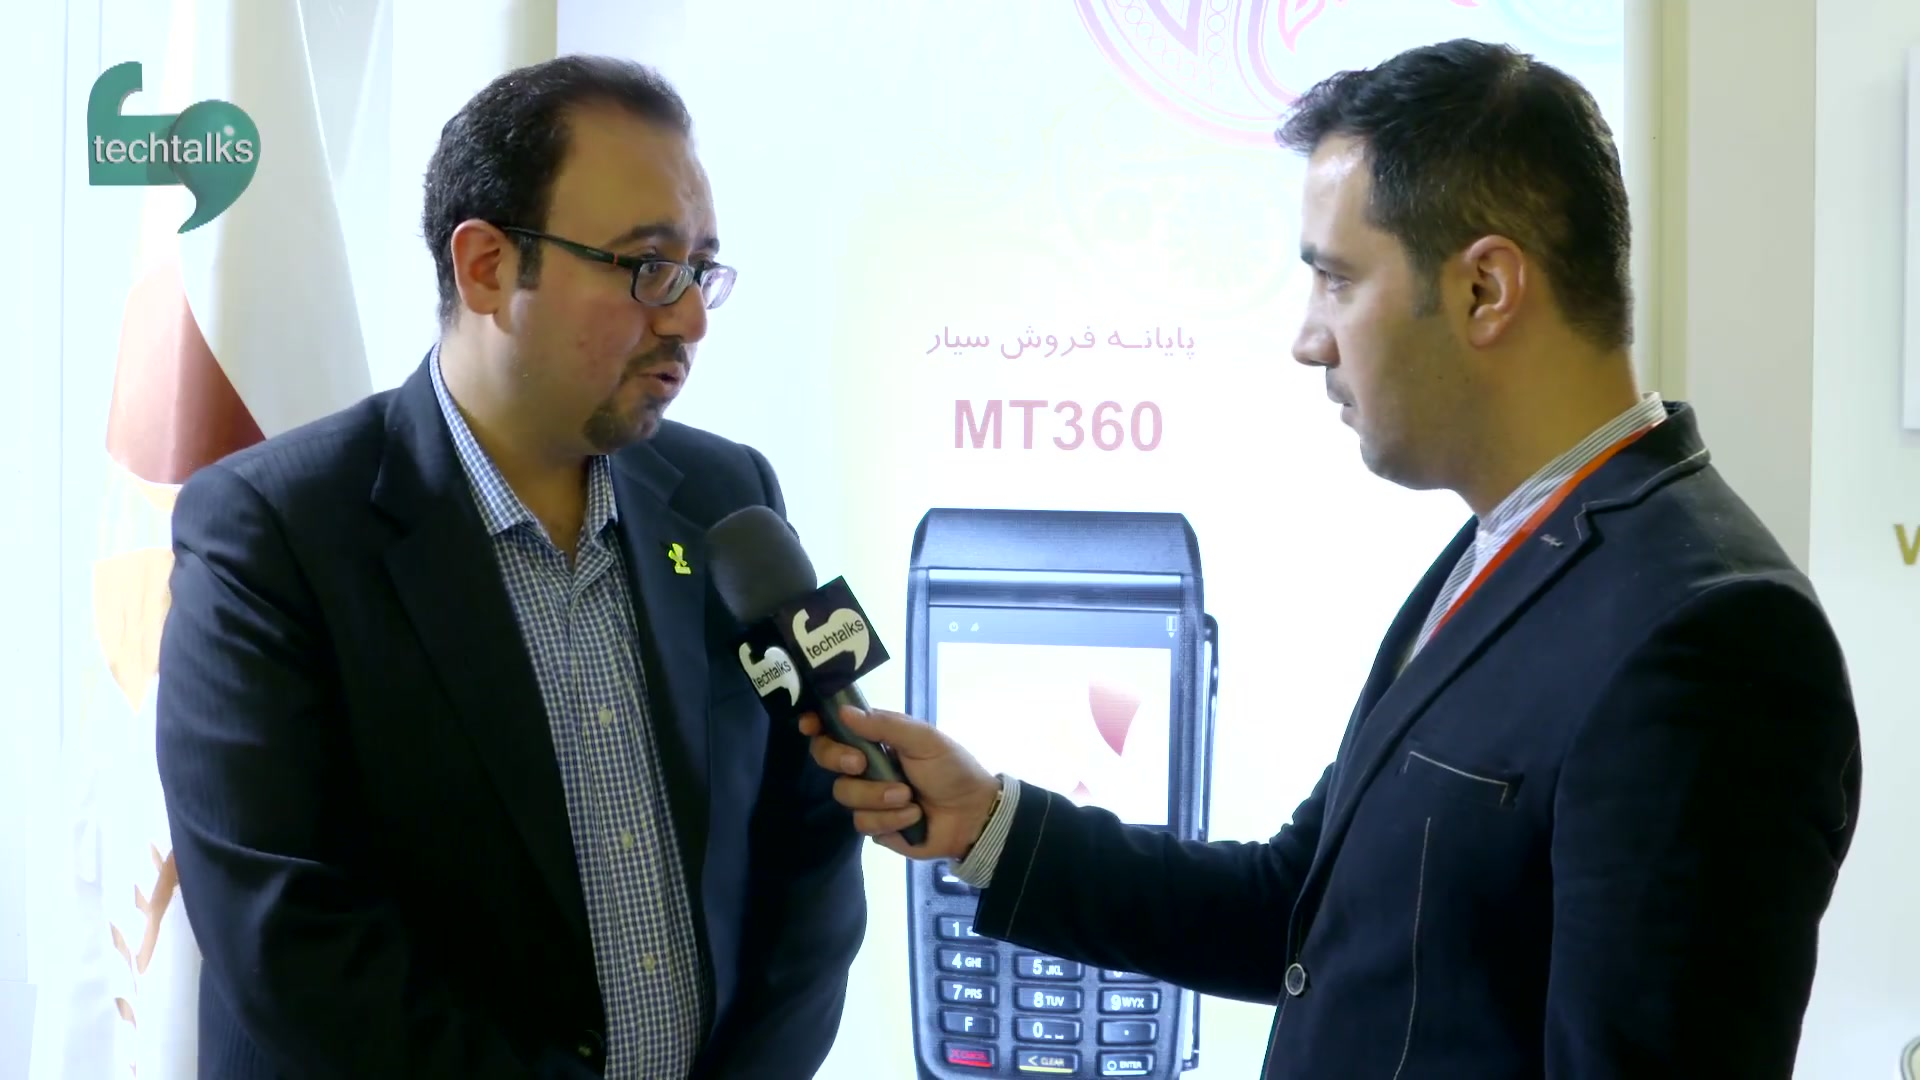 تک تاکس - مصاحبه با امیر صالحی - معاون توسعهی کسب و کار دادهورزی سداد - techtalks.ir